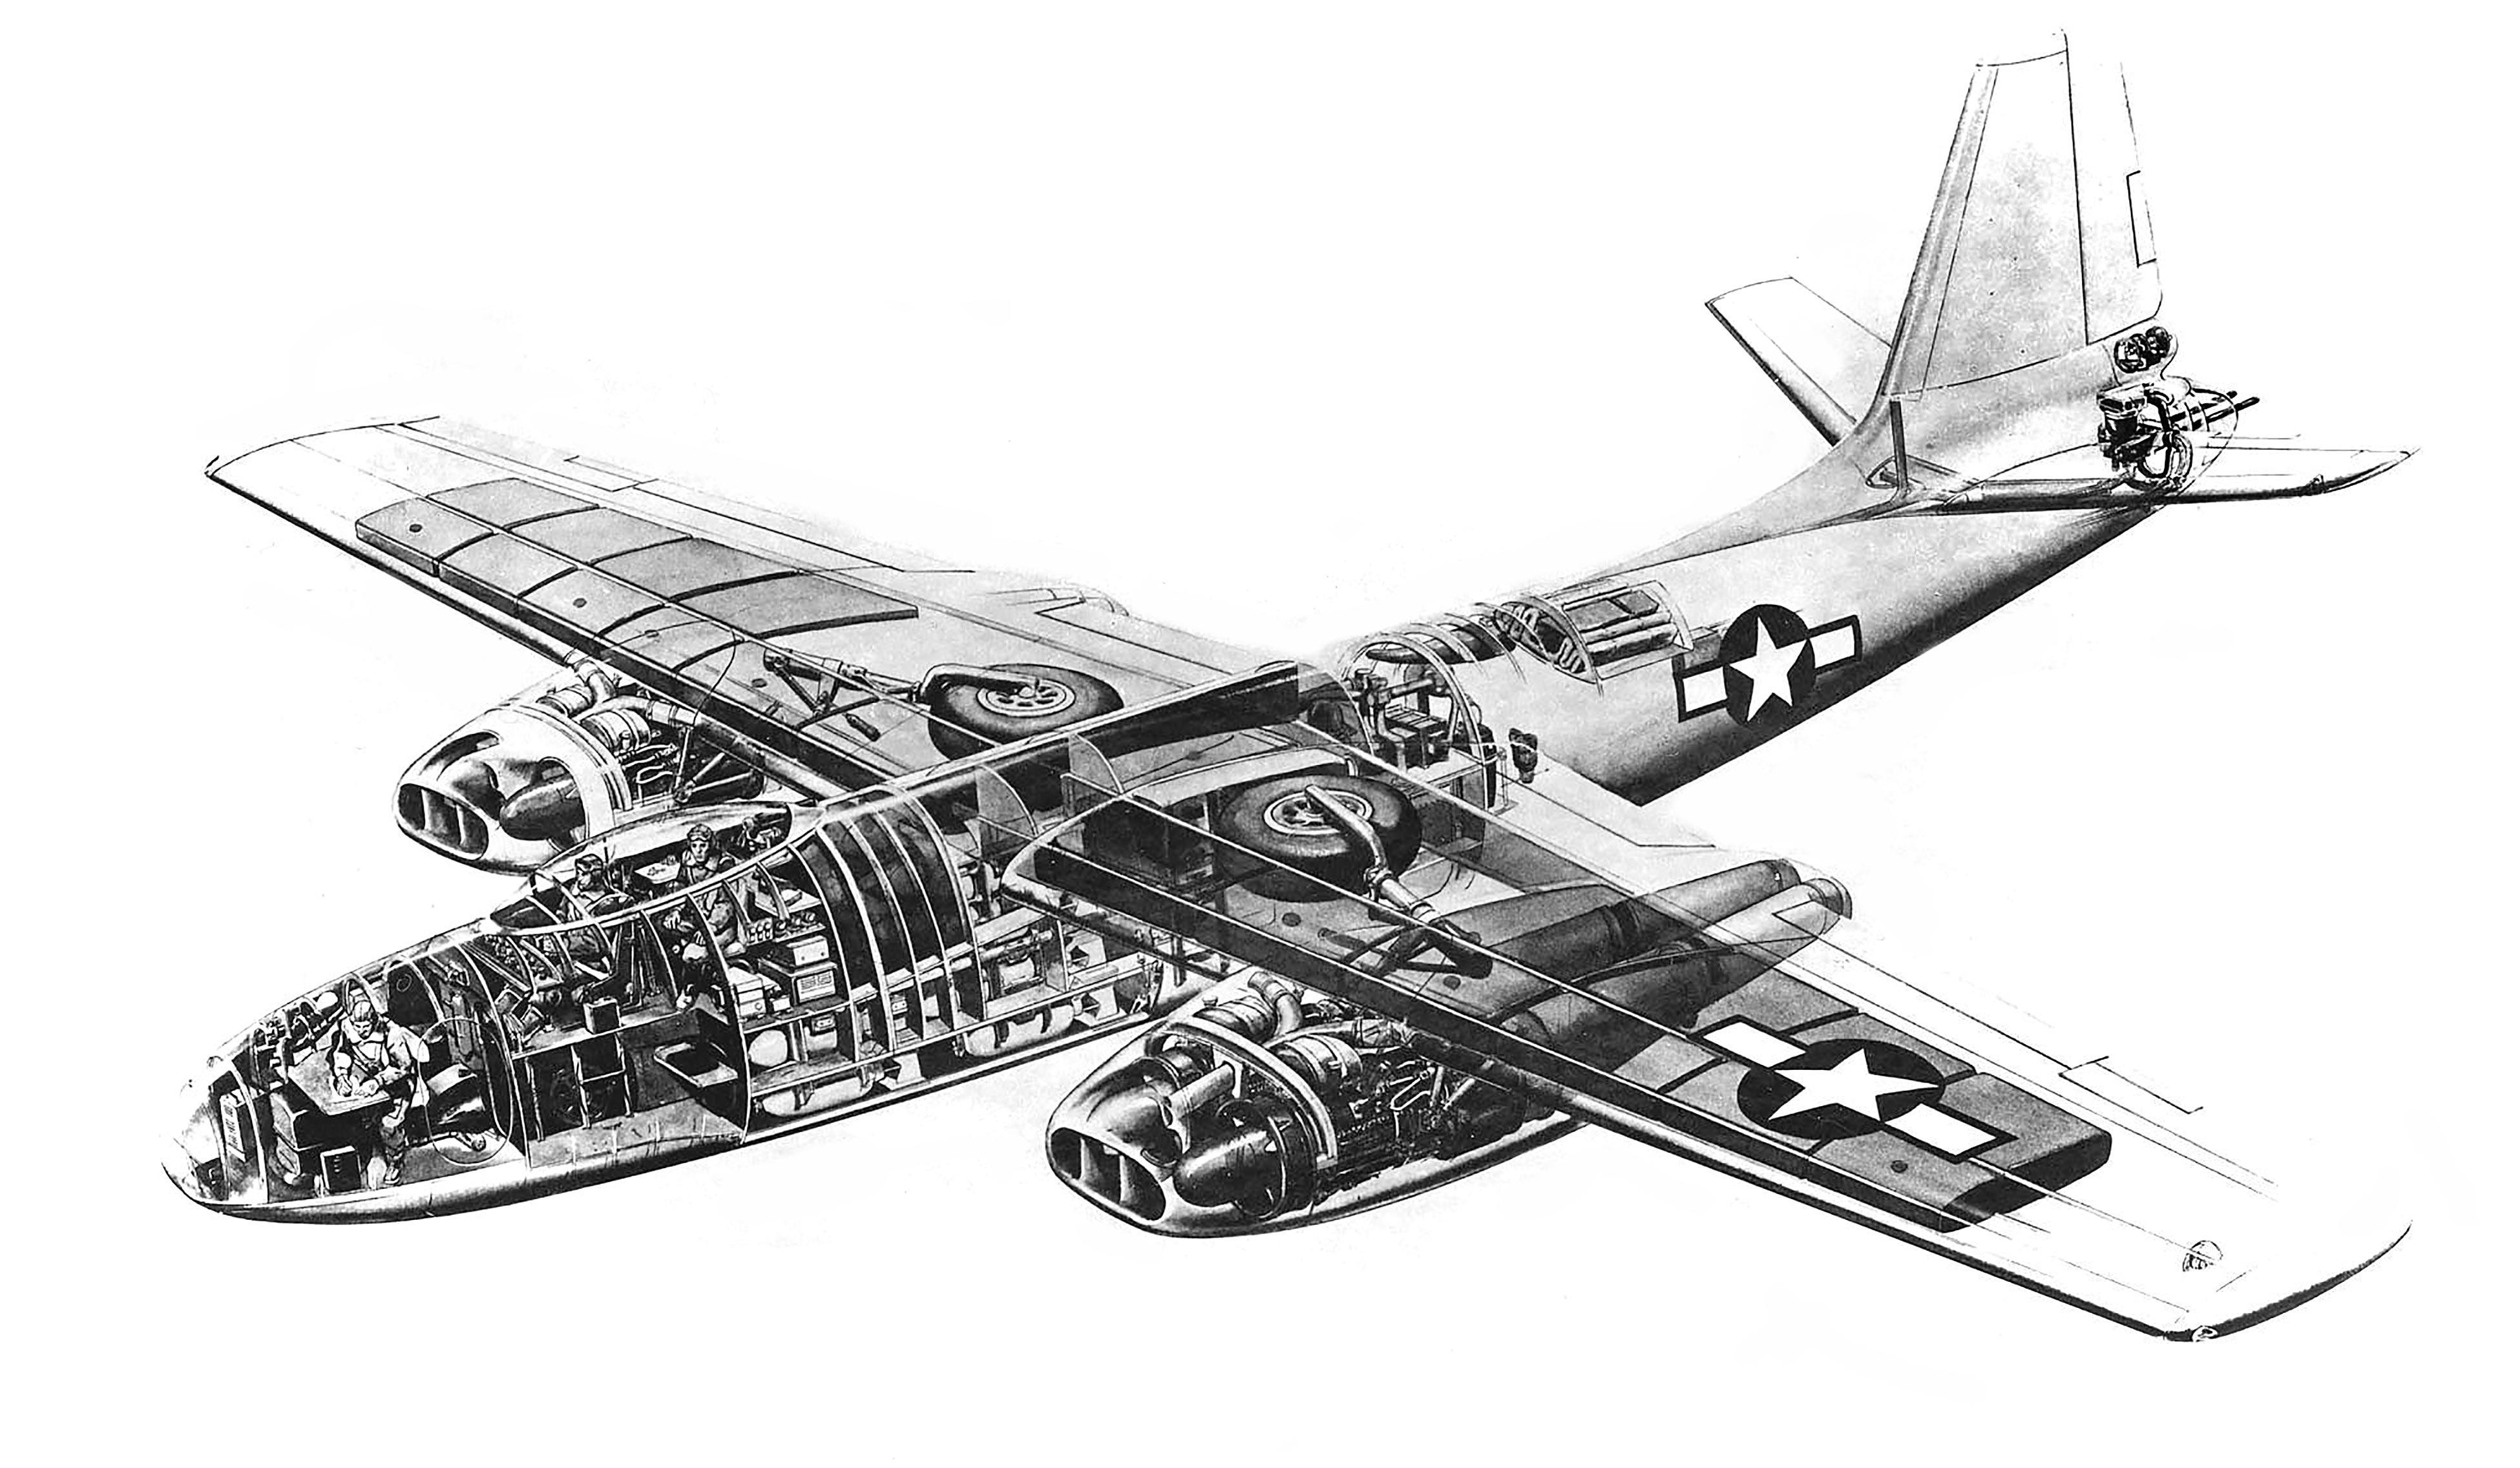 B-45 Tornado cutaway